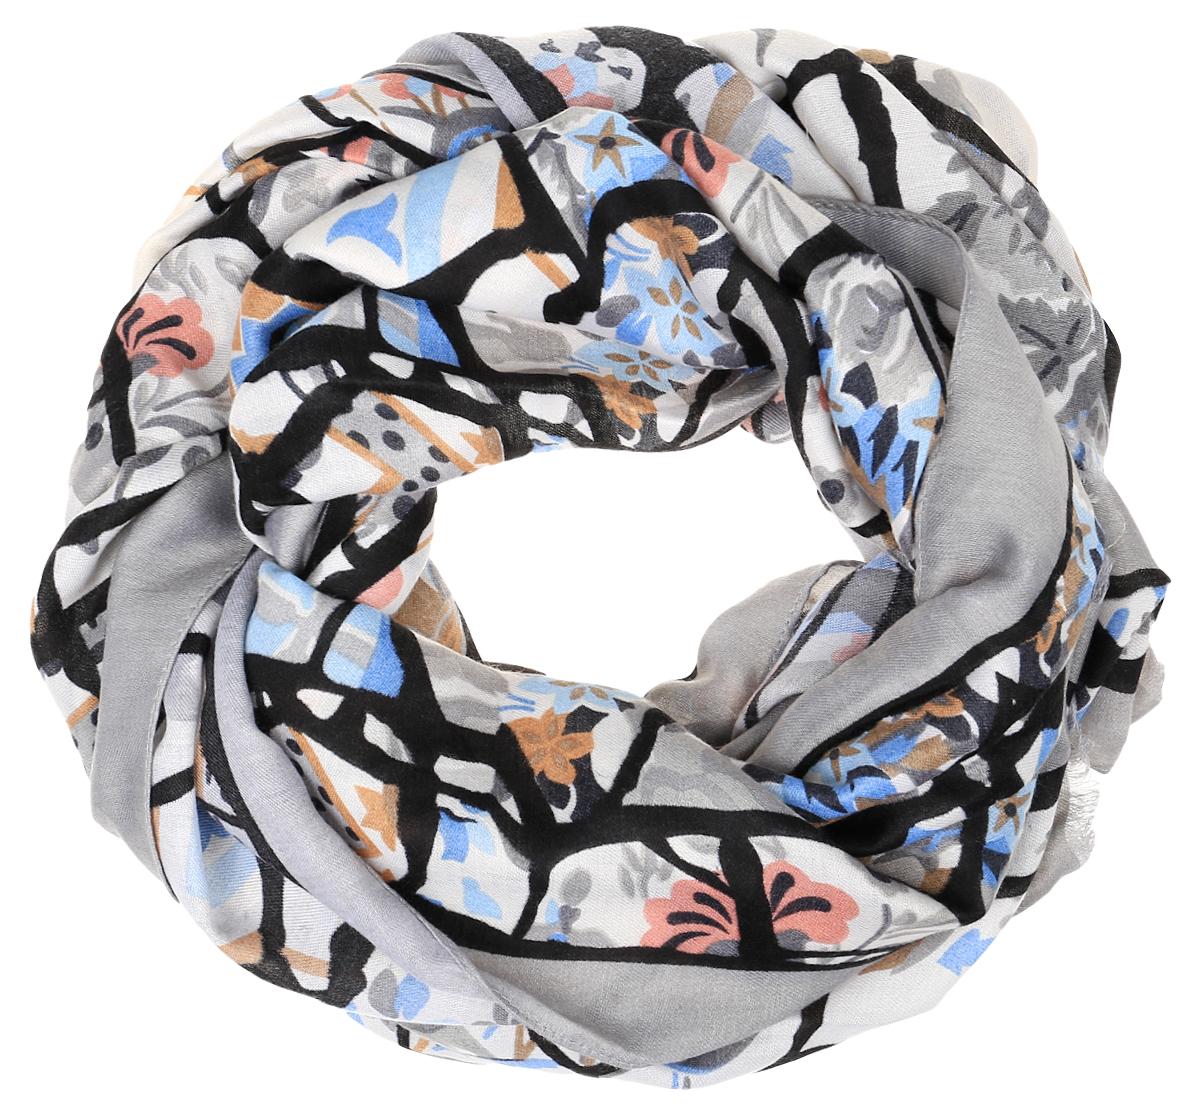 TUTF415-1Женский шарф Fabretti подарит уют и согреет от холодного ветра. Изготовленный из высококачественной вискозы, он очень легкий, мягкий, имеет приятную на ощупь текстуру. Модель оформлена принтом, украшена по краям кисточками. Такой аксессуар станет стильным дополнением к образу современной женщины, стремящейся всегда оставаться яркой и элегантной.